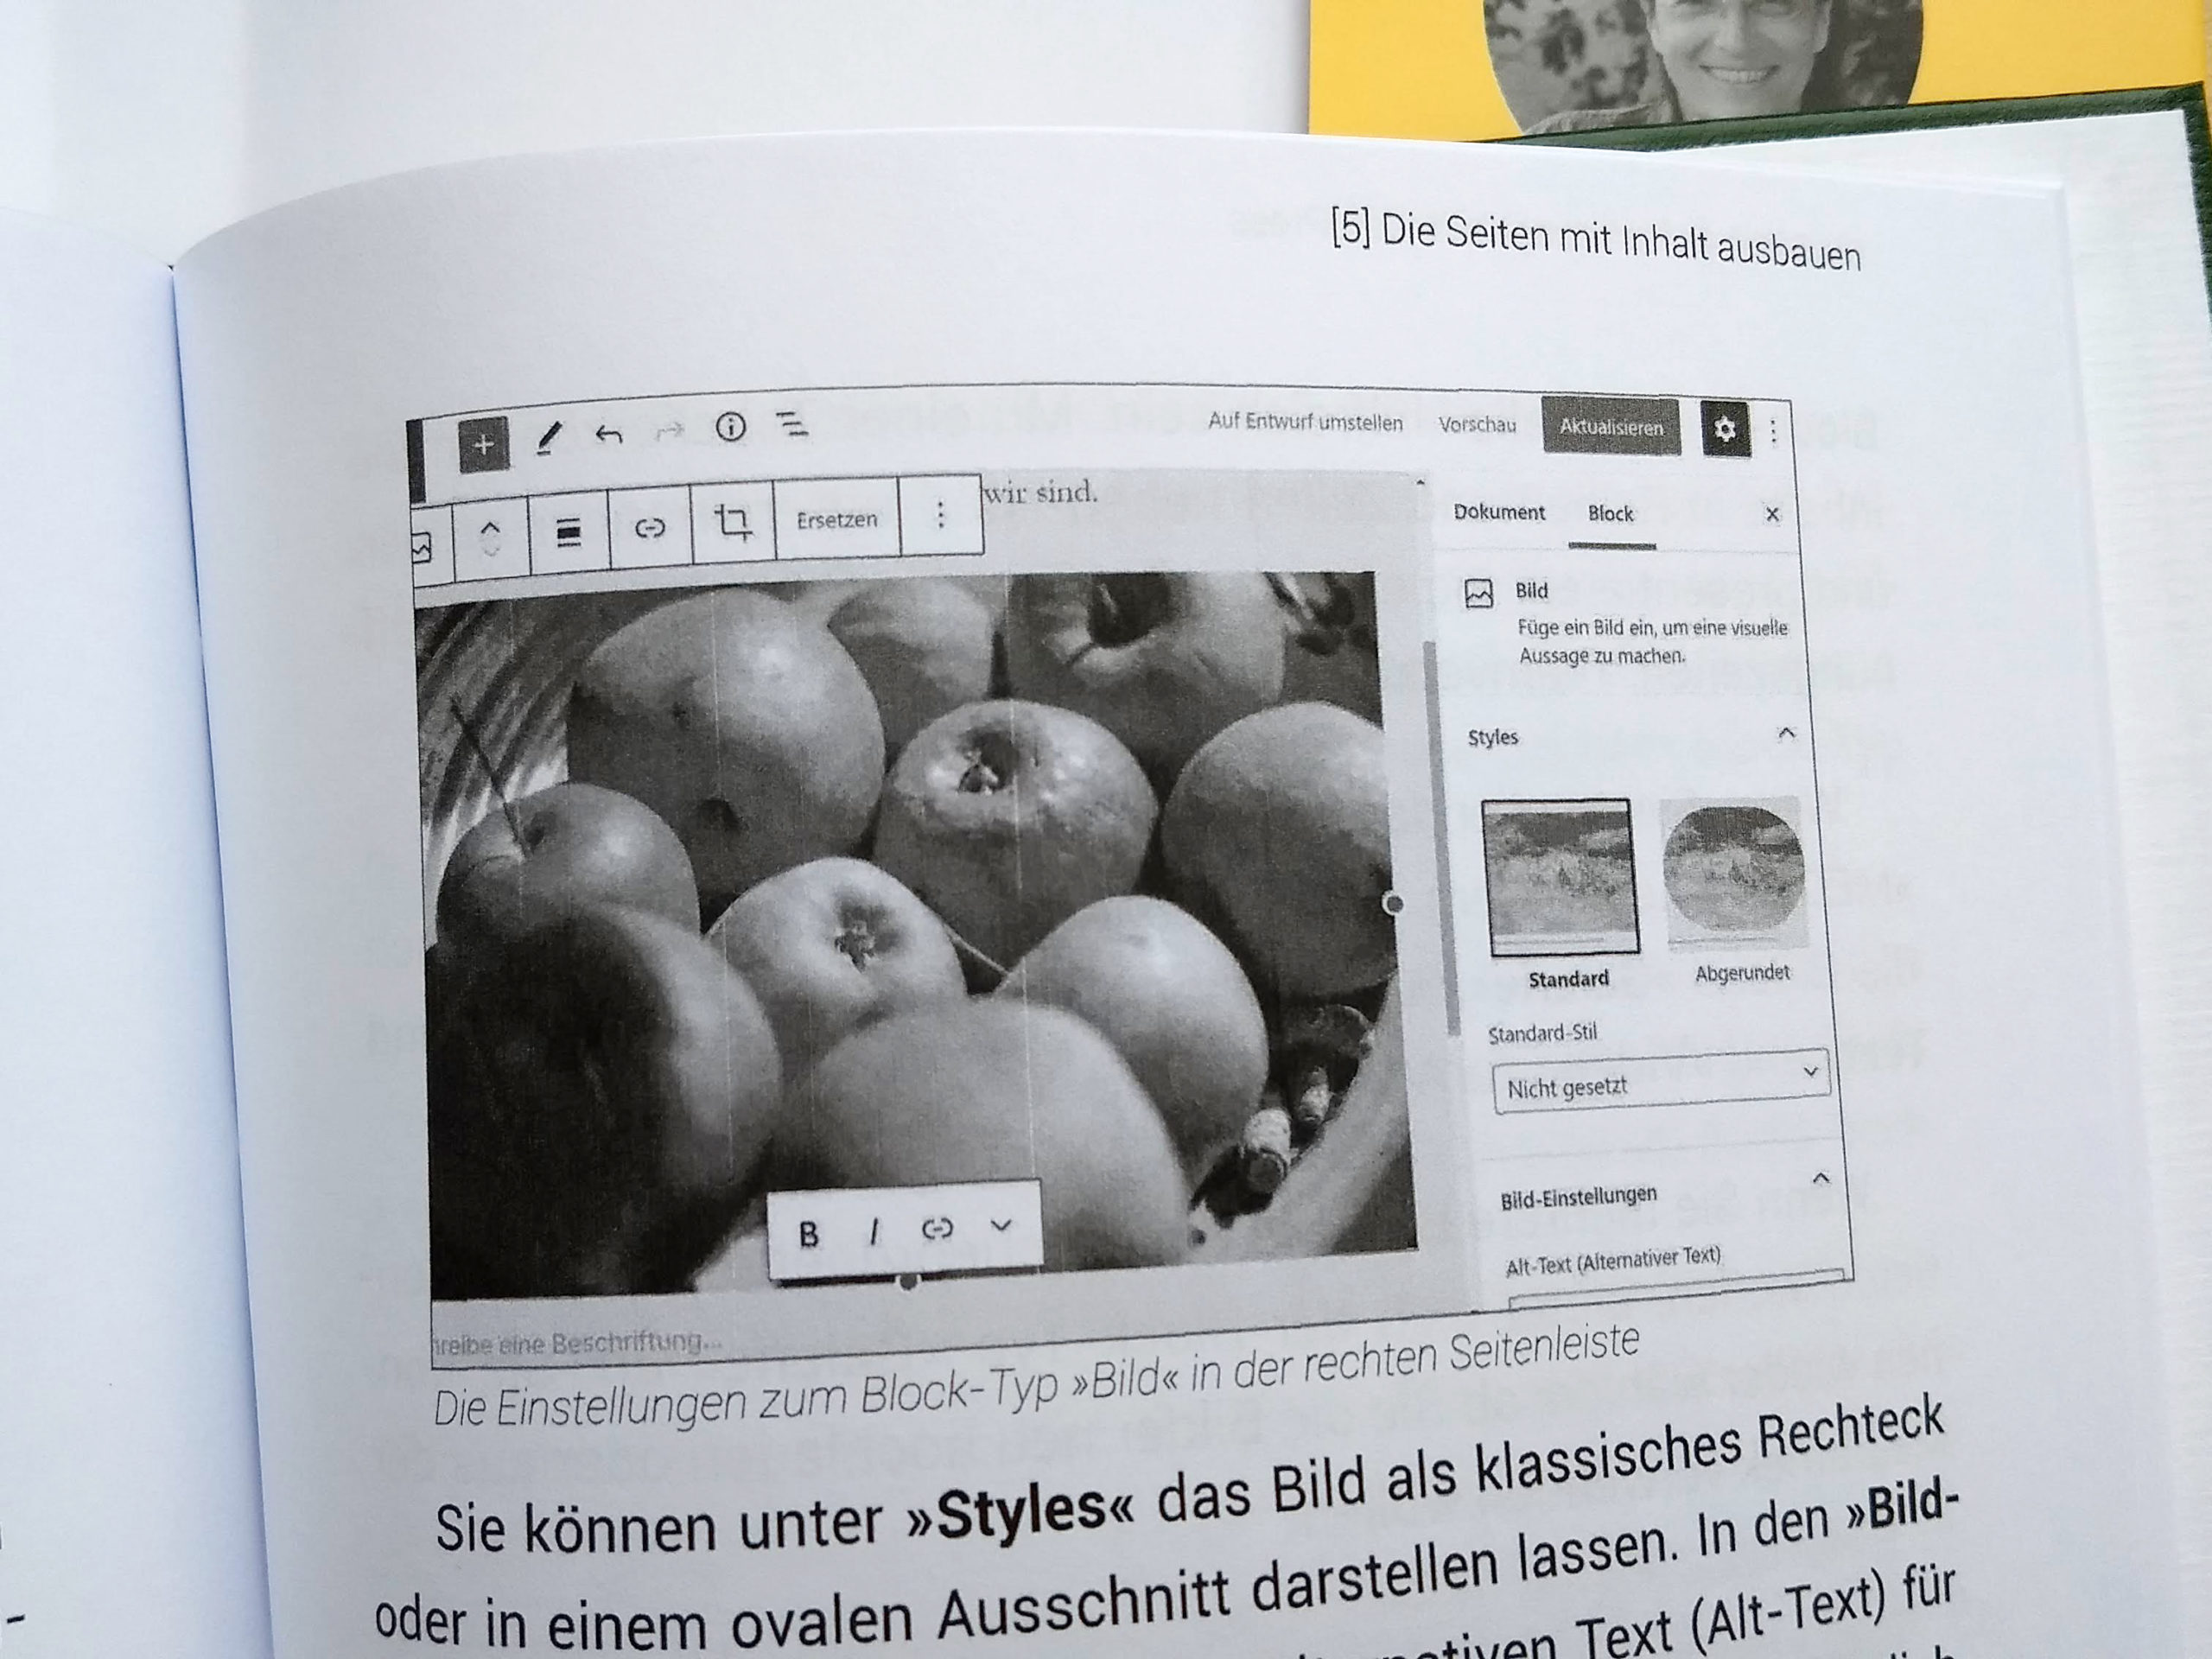 Innenteil WordPressbuch mit leichten Streifen auf den Grafiken